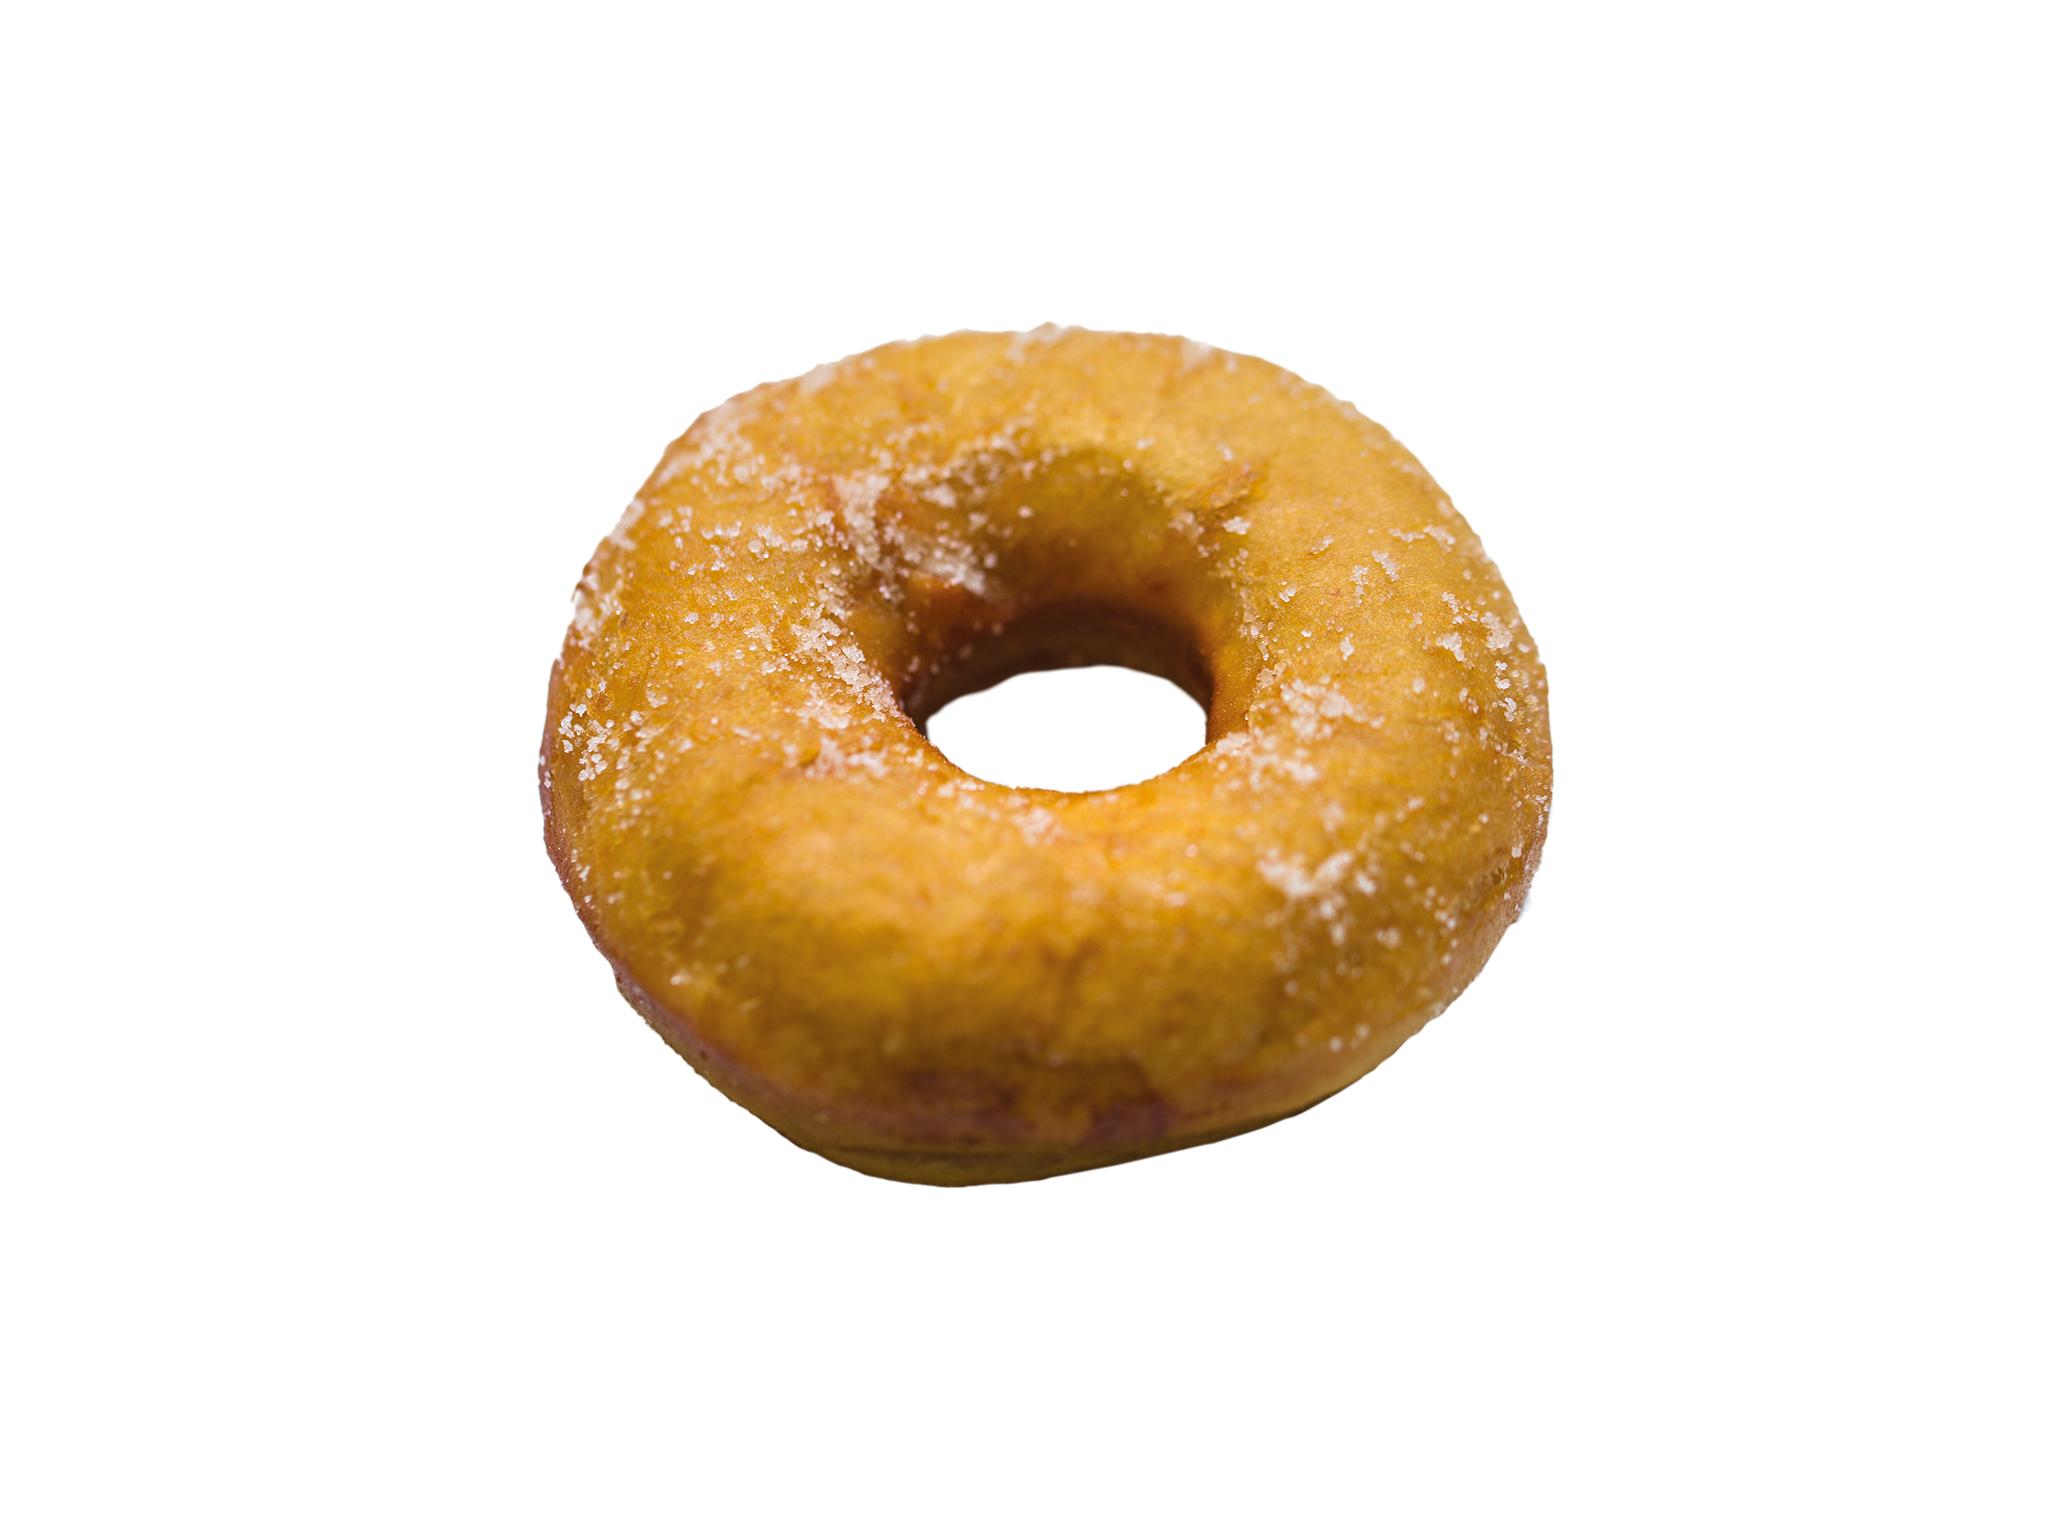 Duh Vegan Donuts - Donut Simples